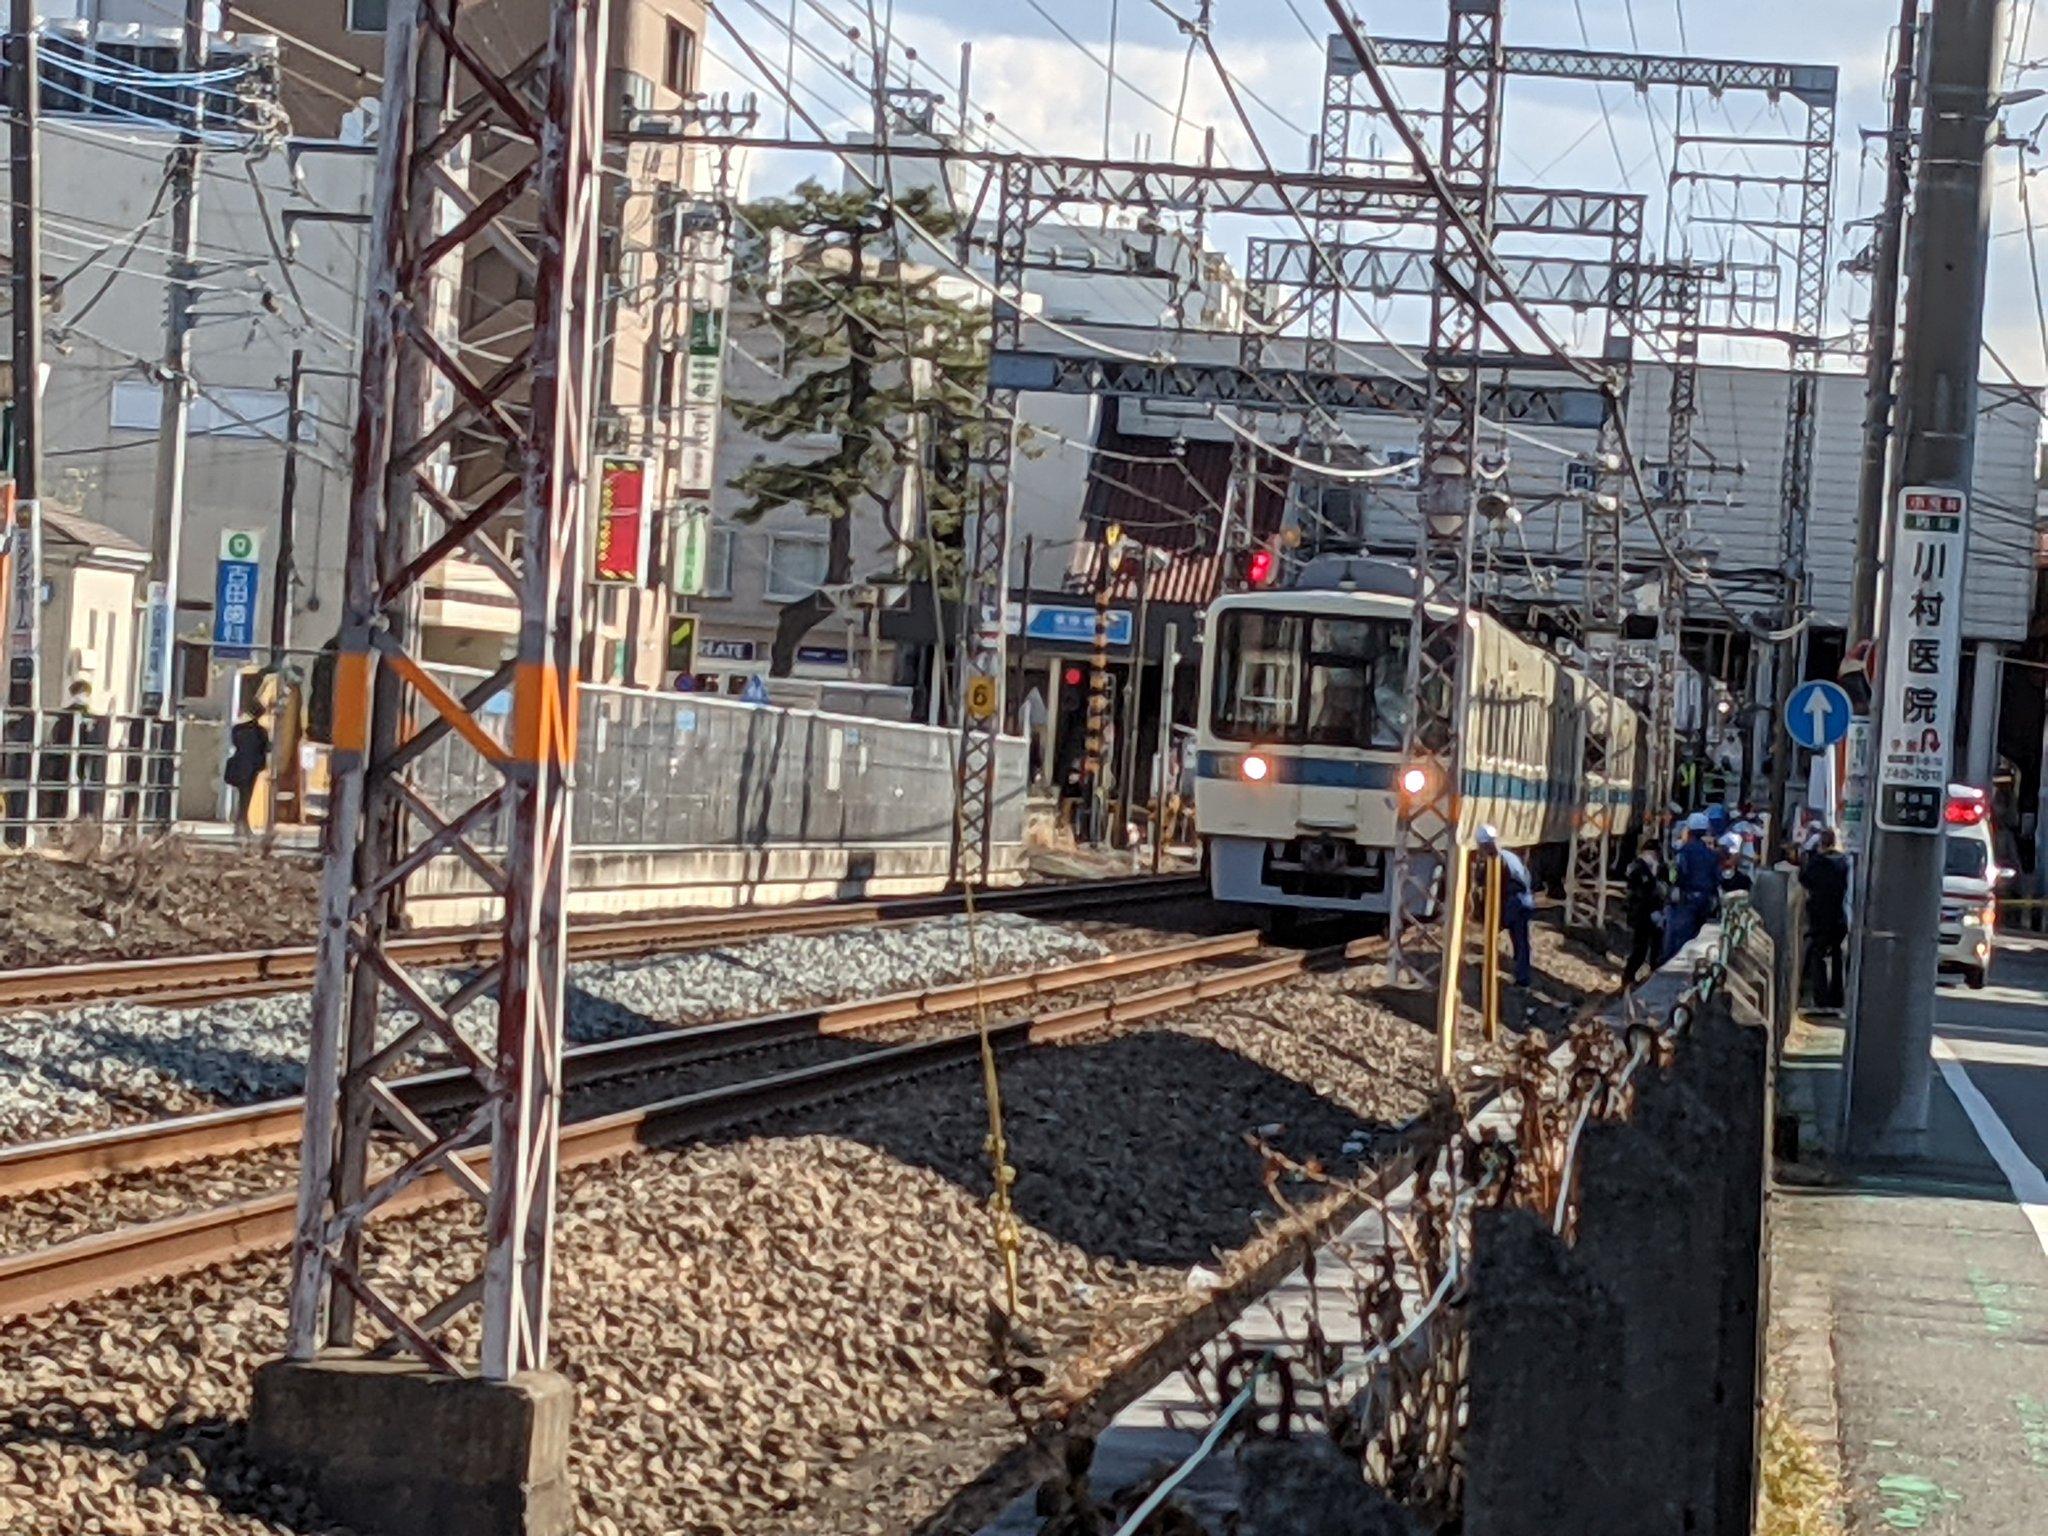 江ノ島線の東林間駅でりゅうきさんが飛び込み自殺を図った人身事故現場の画像